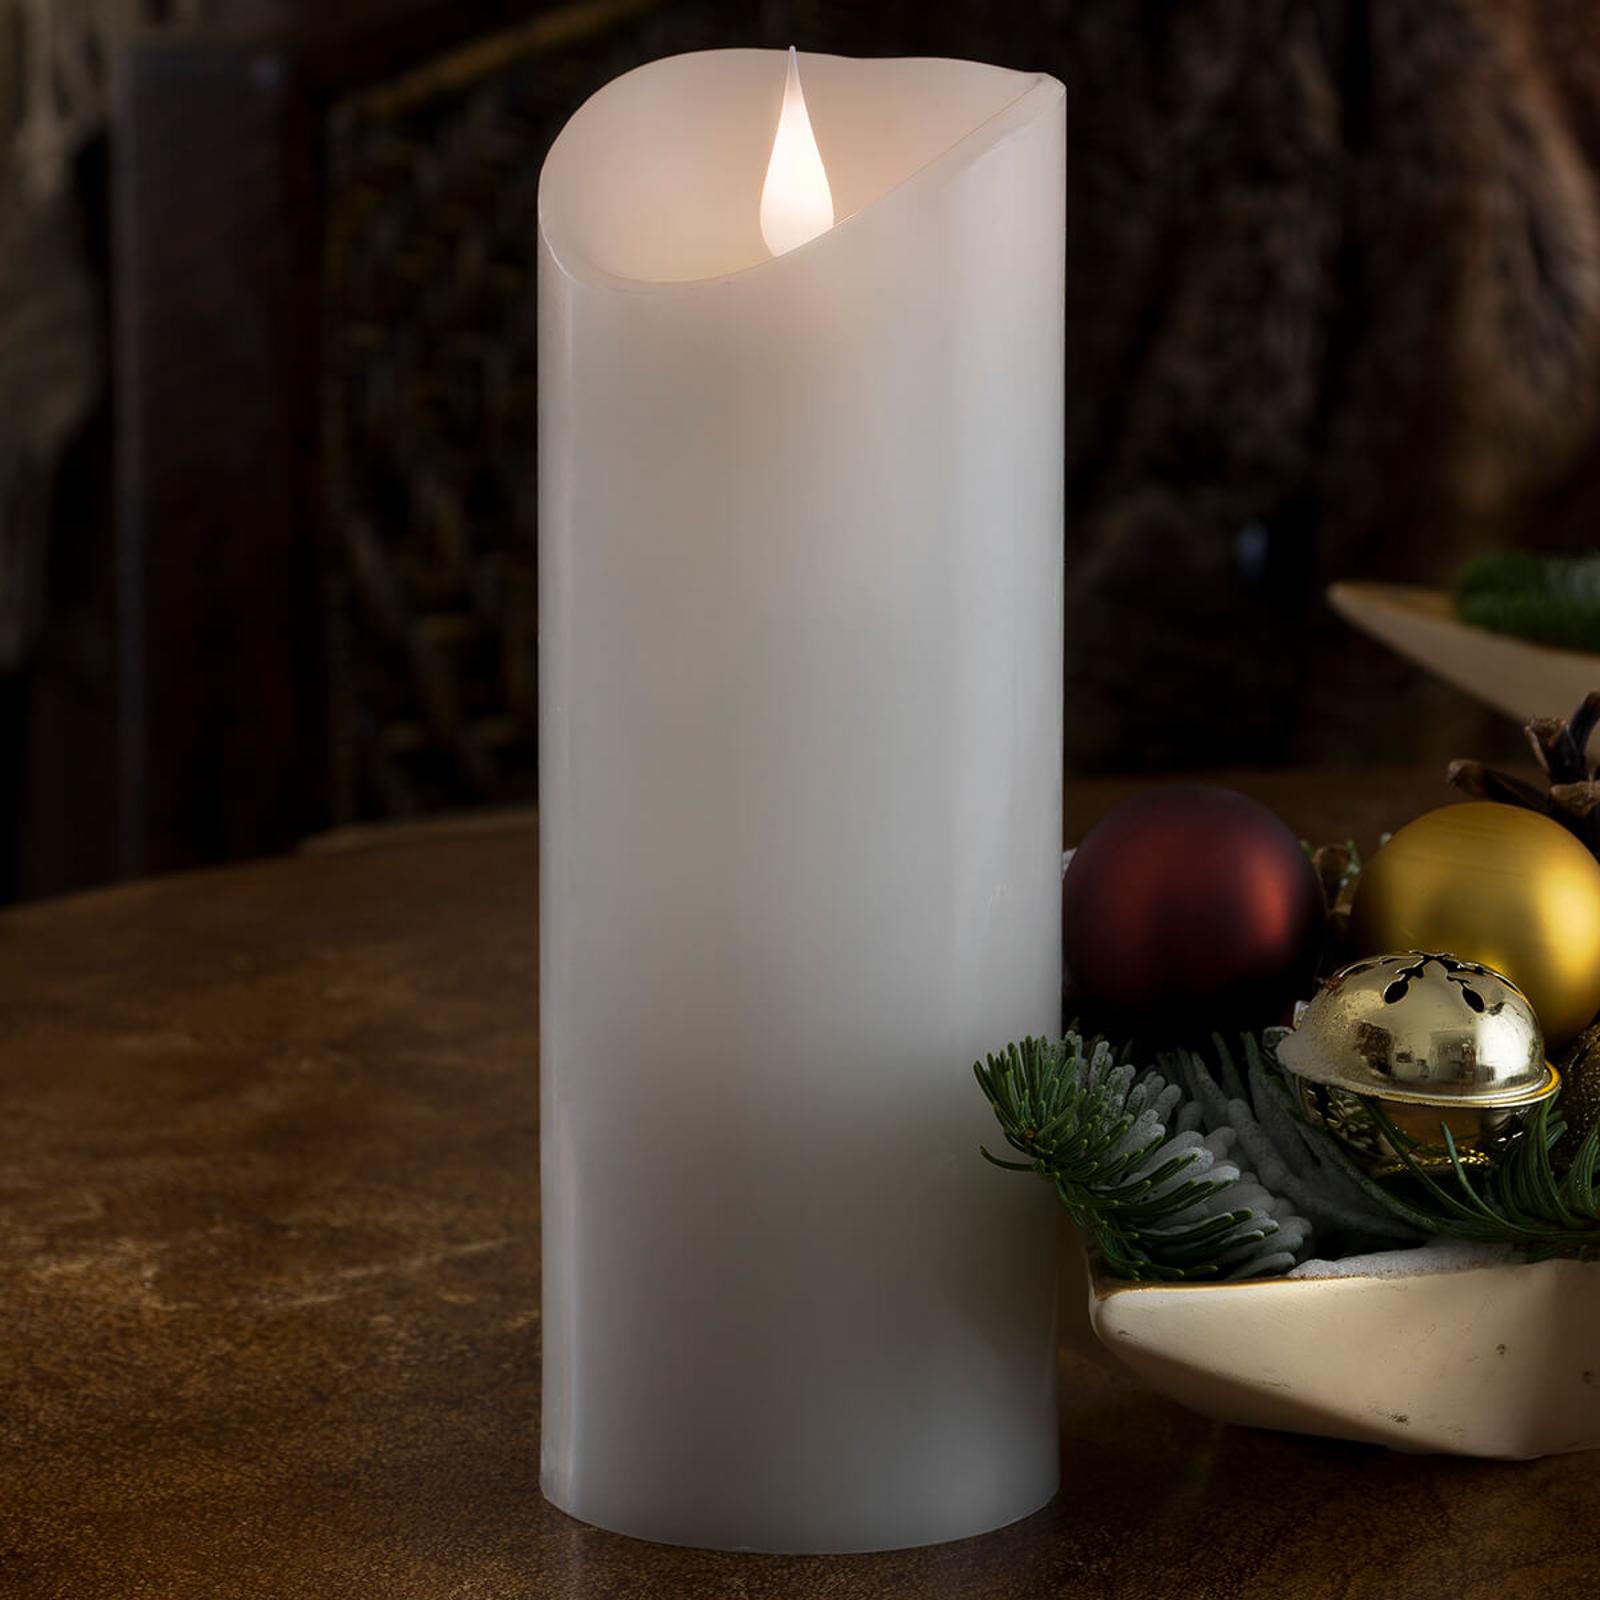 Forsynet med 3D-flamme - LED-lys Stearin